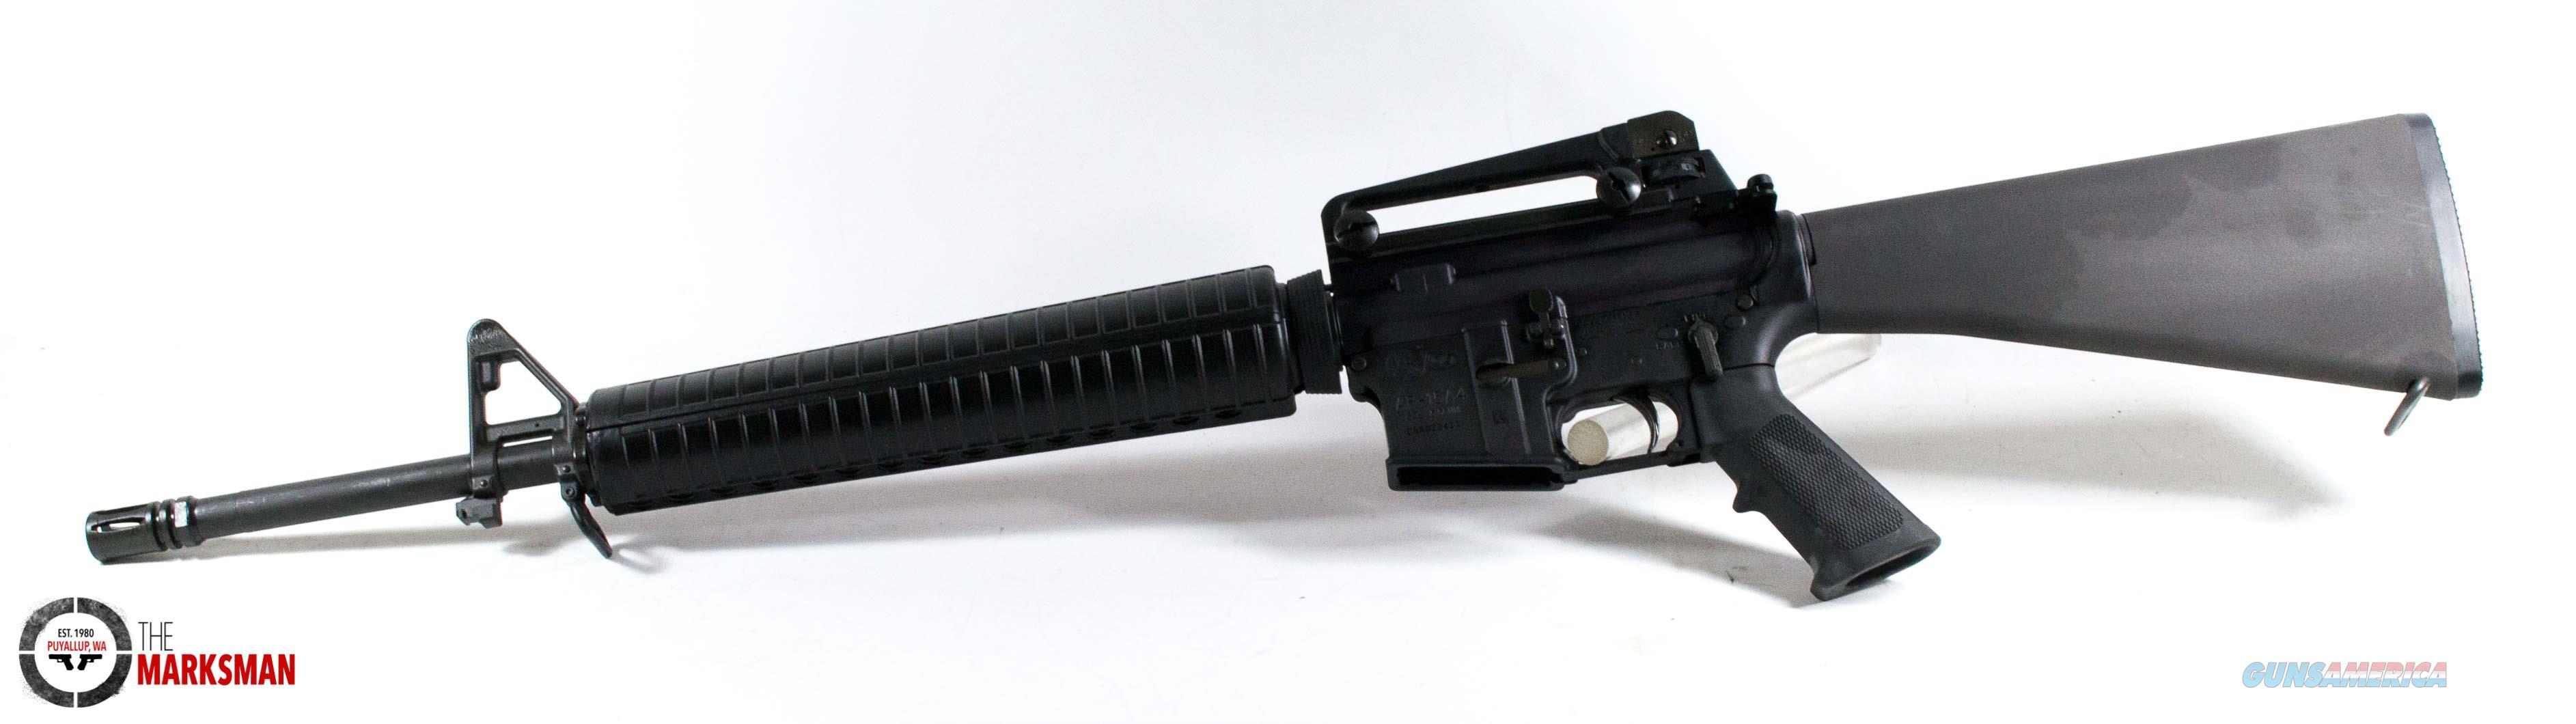 Colt AR-15 A4 Rifle, 5.56mm NATO  Guns > Rifles > Colt Military/Tactical Rifles